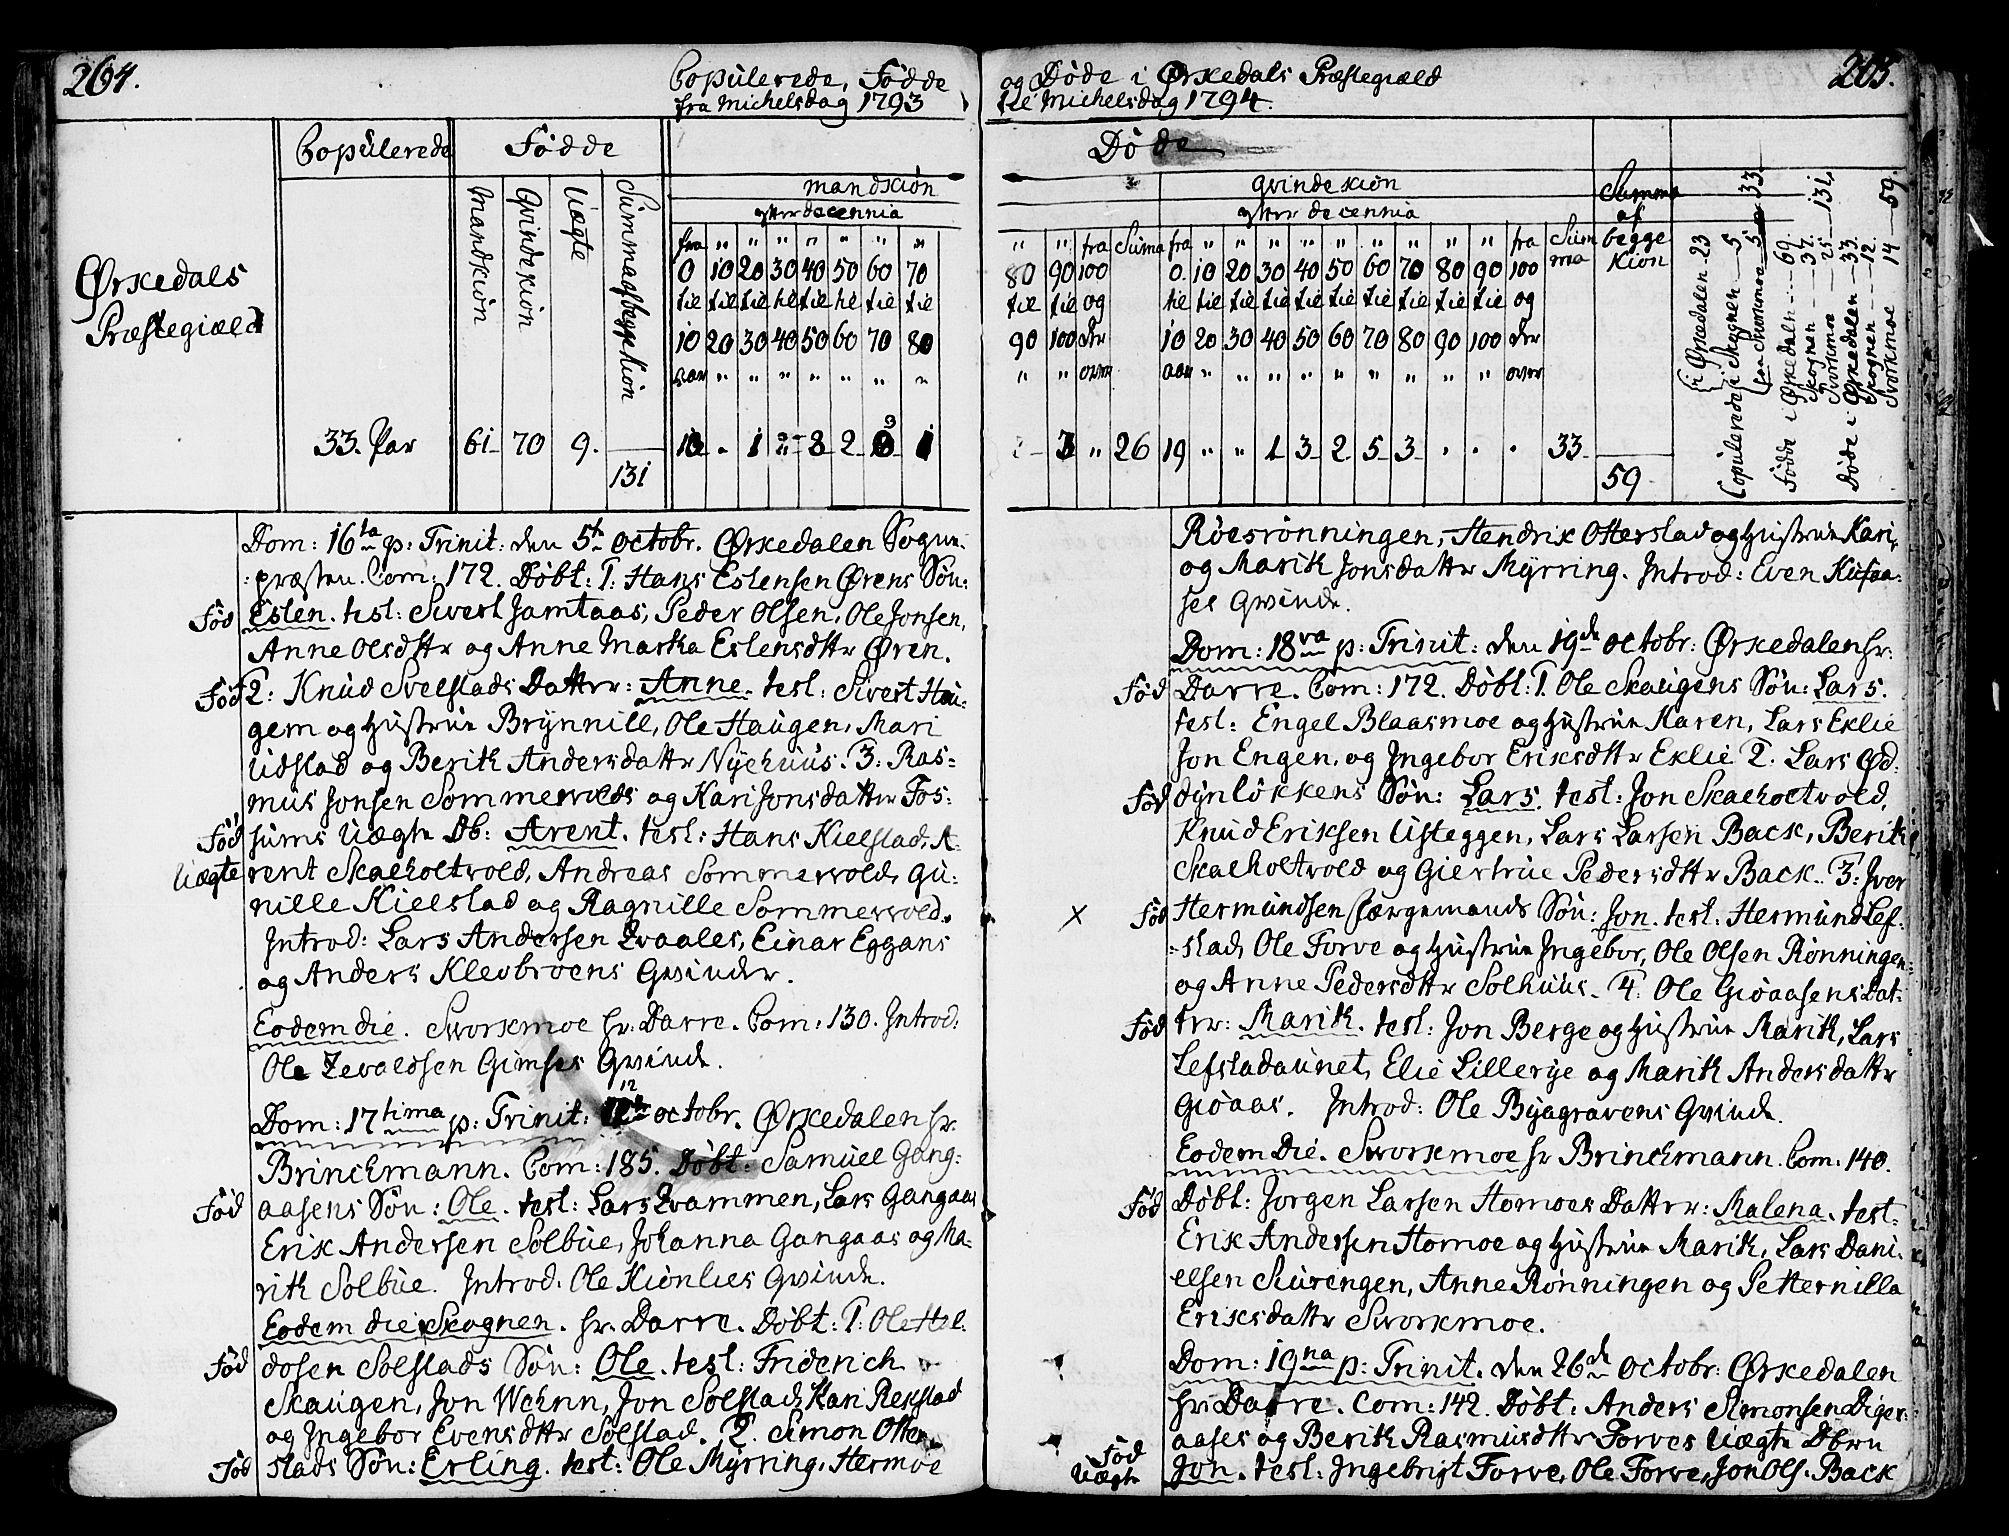 SAT, Ministerialprotokoller, klokkerbøker og fødselsregistre - Sør-Trøndelag, 668/L0802: Ministerialbok nr. 668A02, 1776-1799, s. 264-265